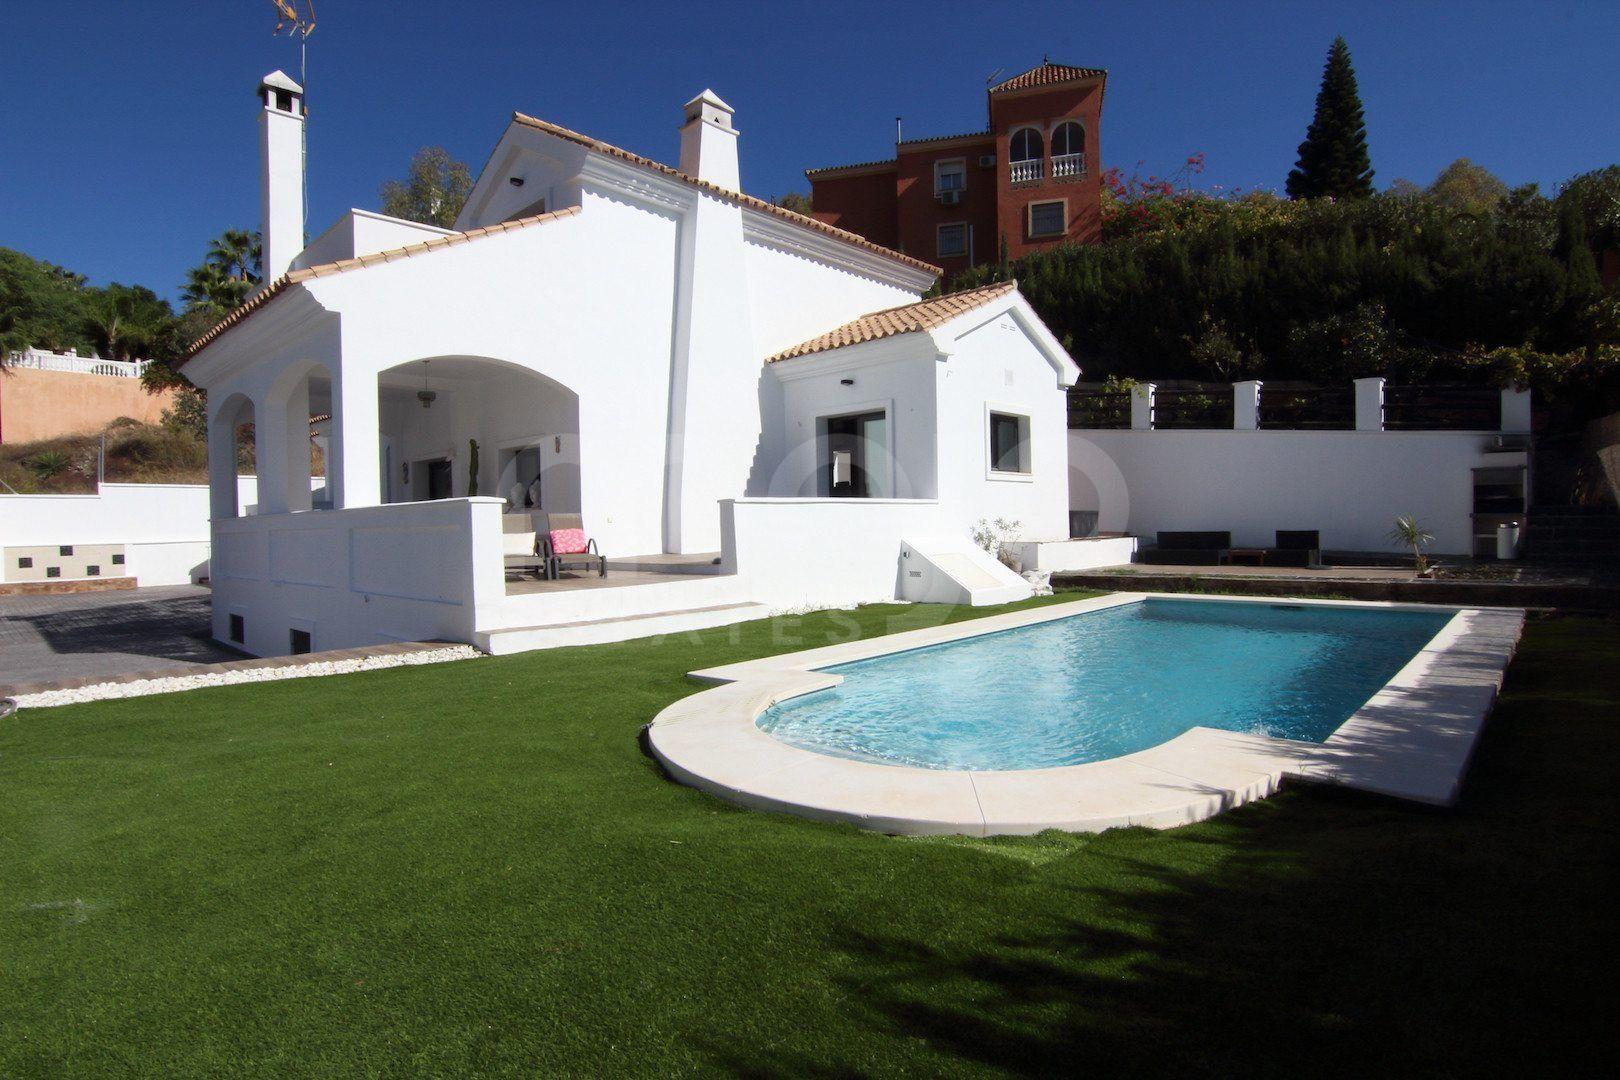 Villa reformada situada en entorno tranquilo